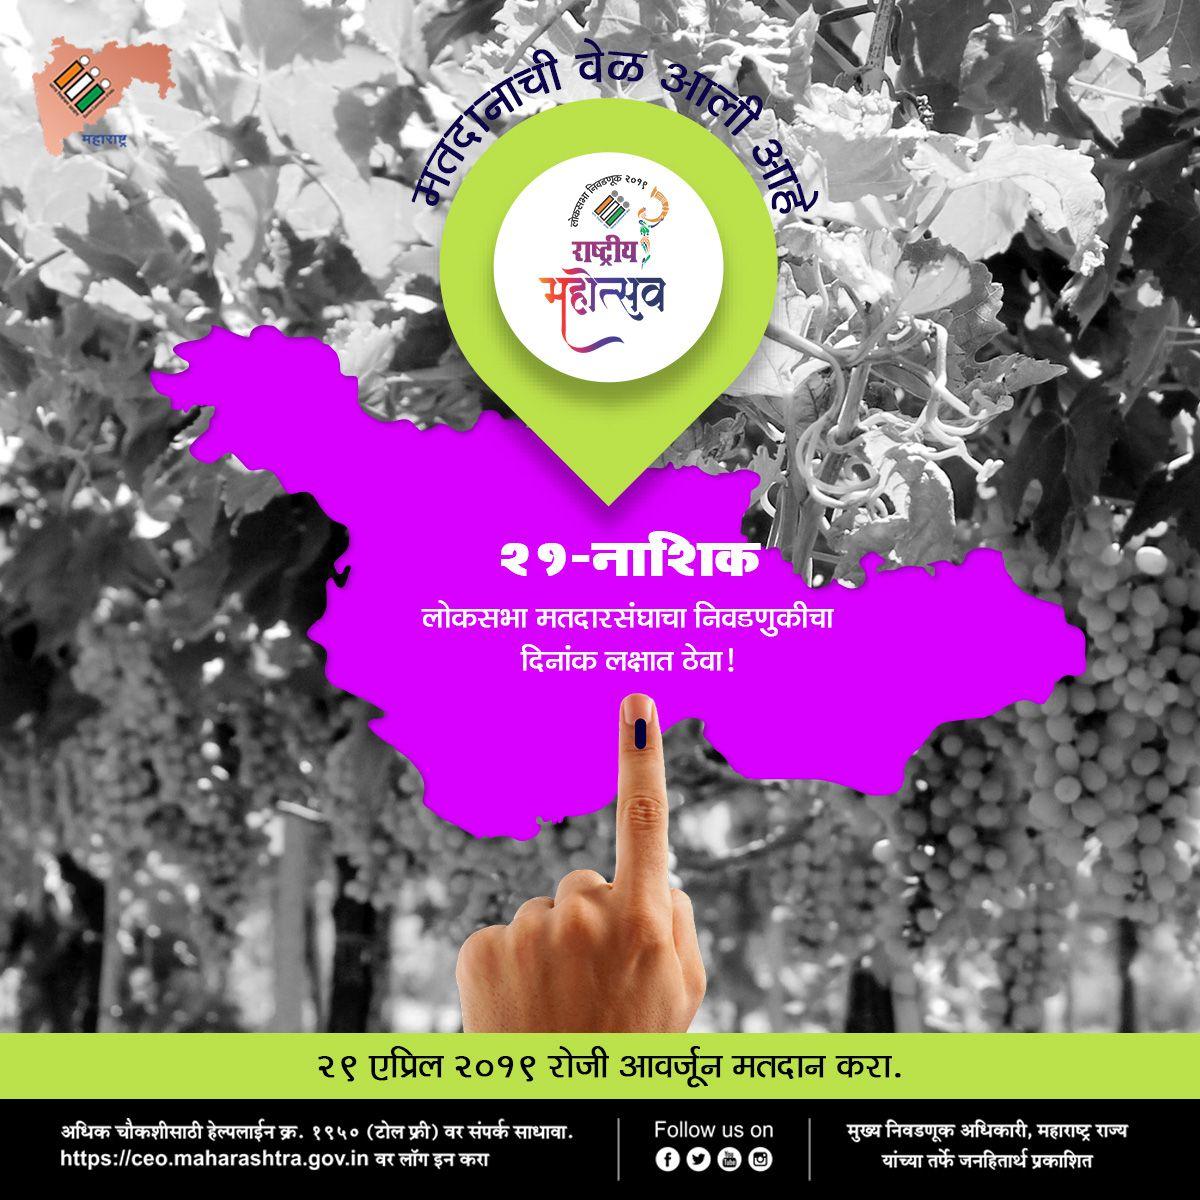 Marathi-Election-21-Nashik.jpg